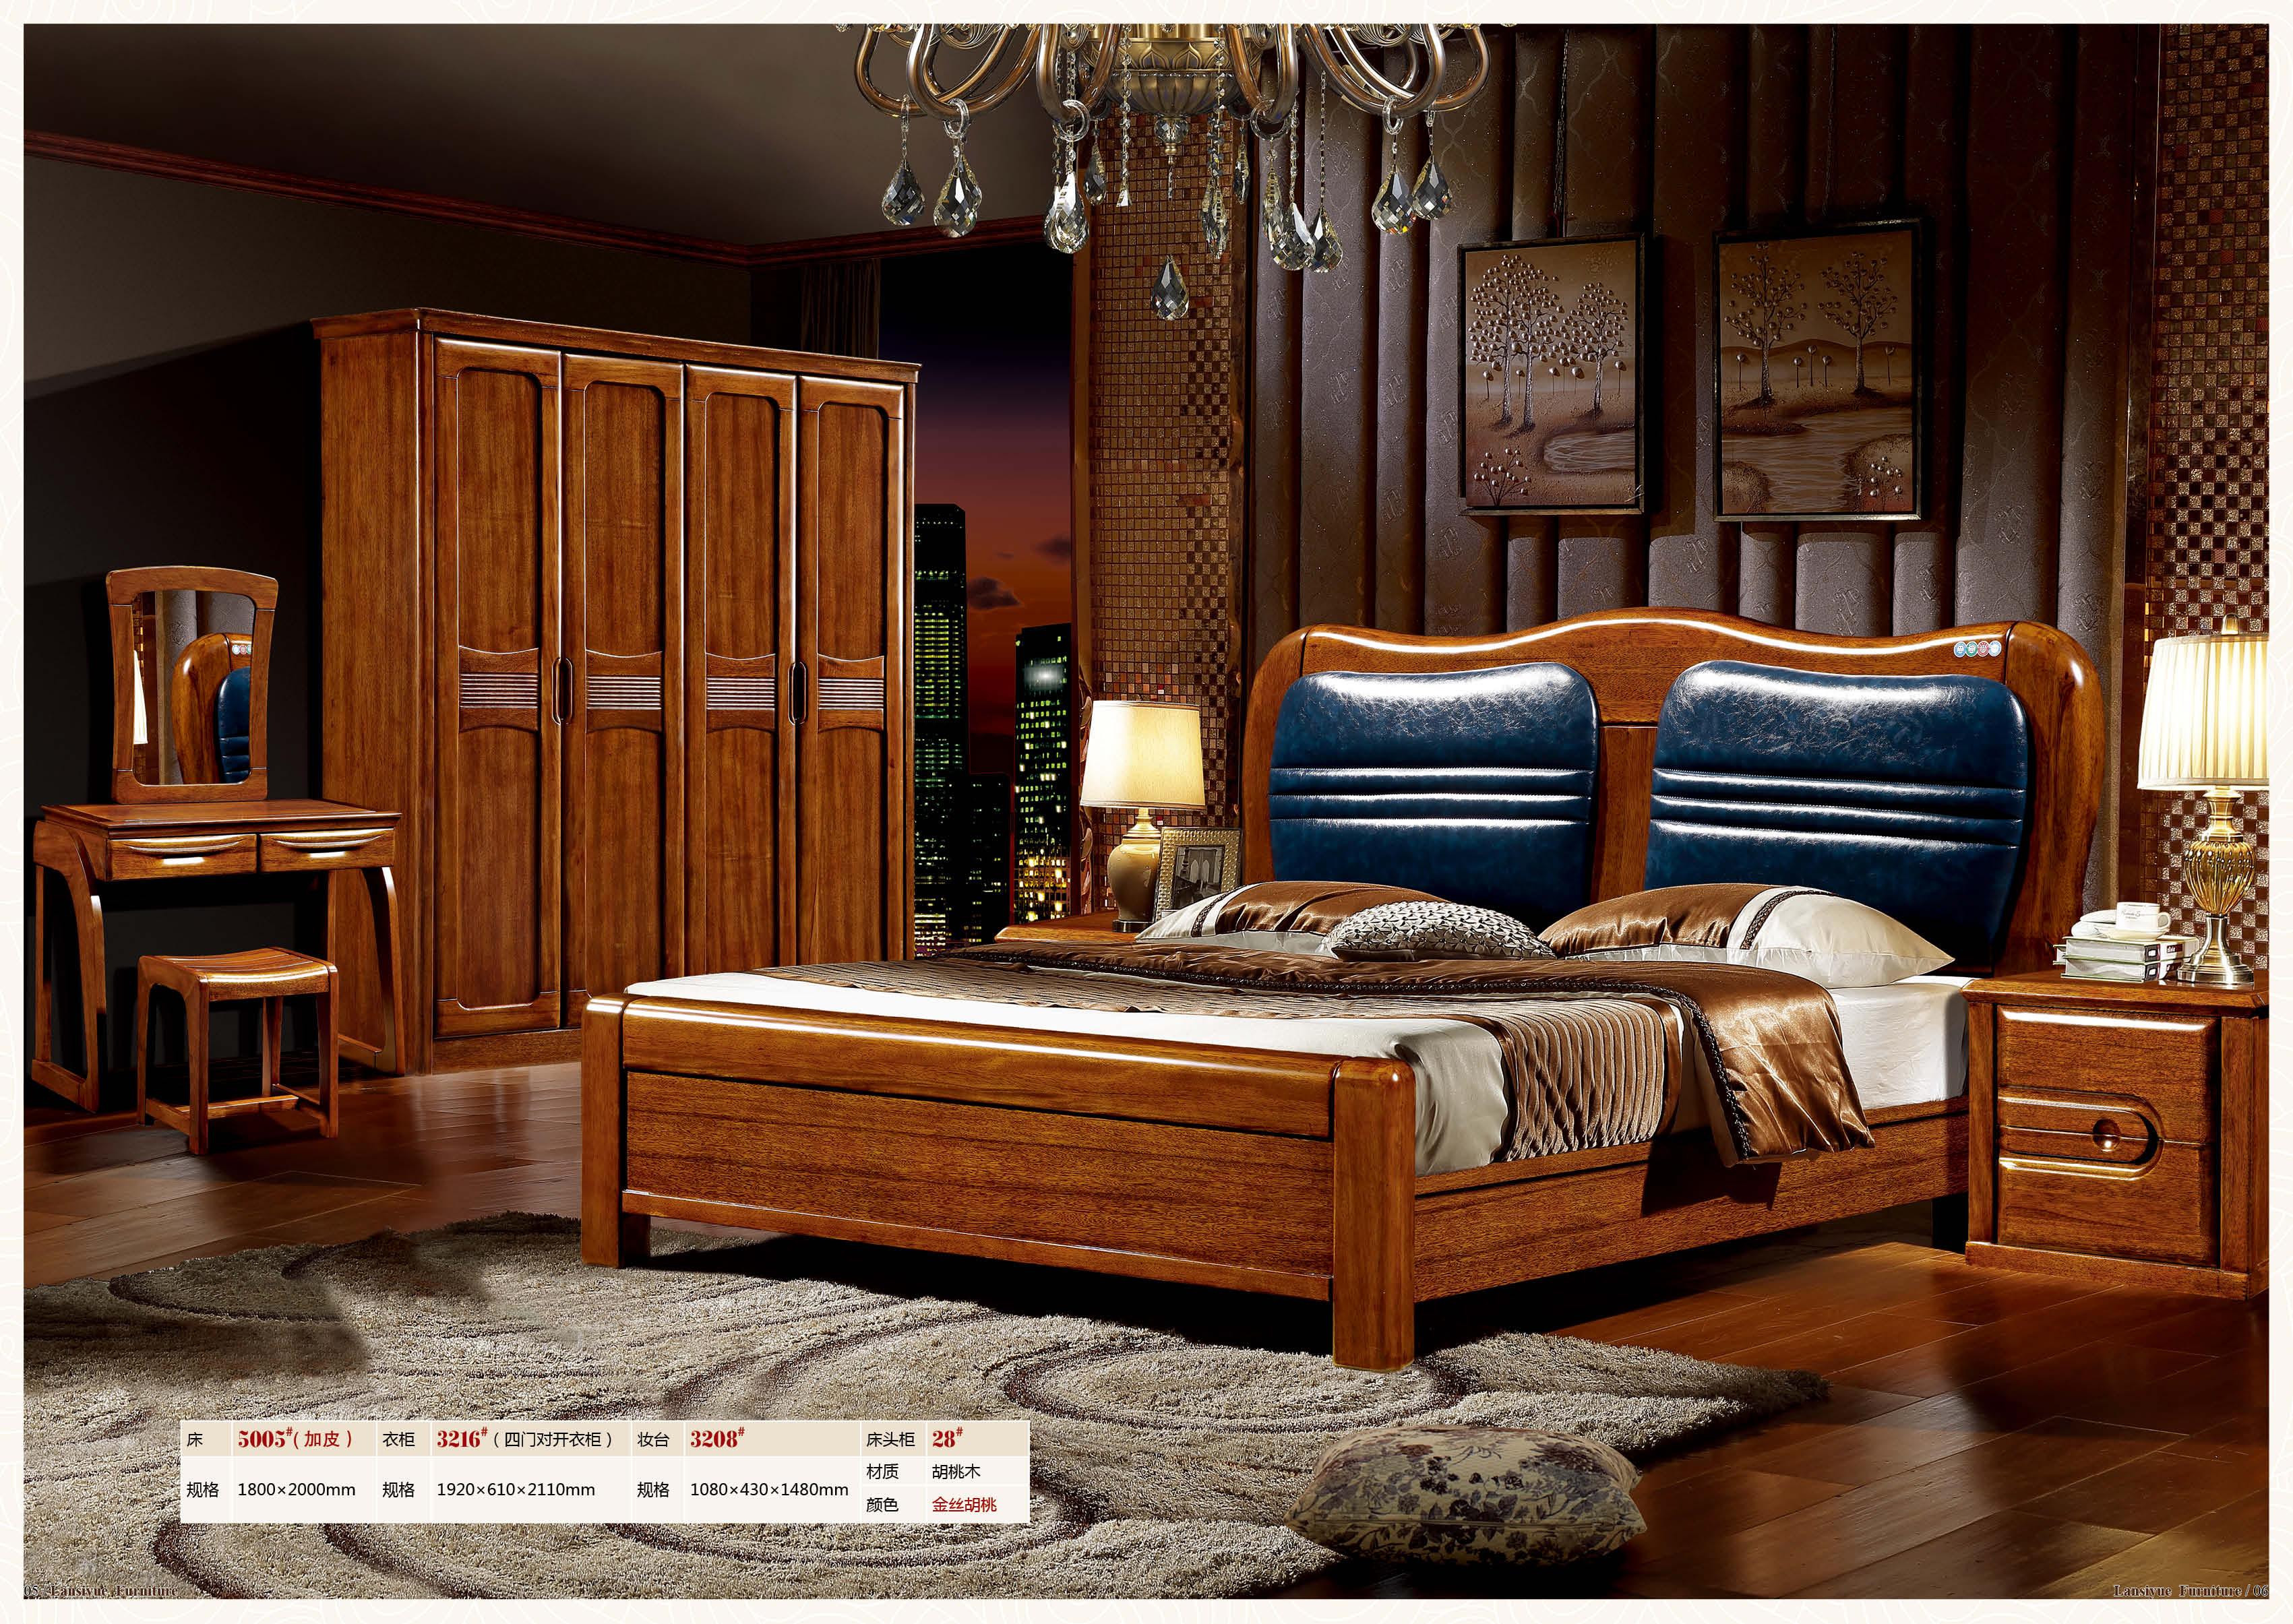 新中式实木床简约现代禅意双人床1.8米布艺床别墅主卧床婚床家具 新中式家具床